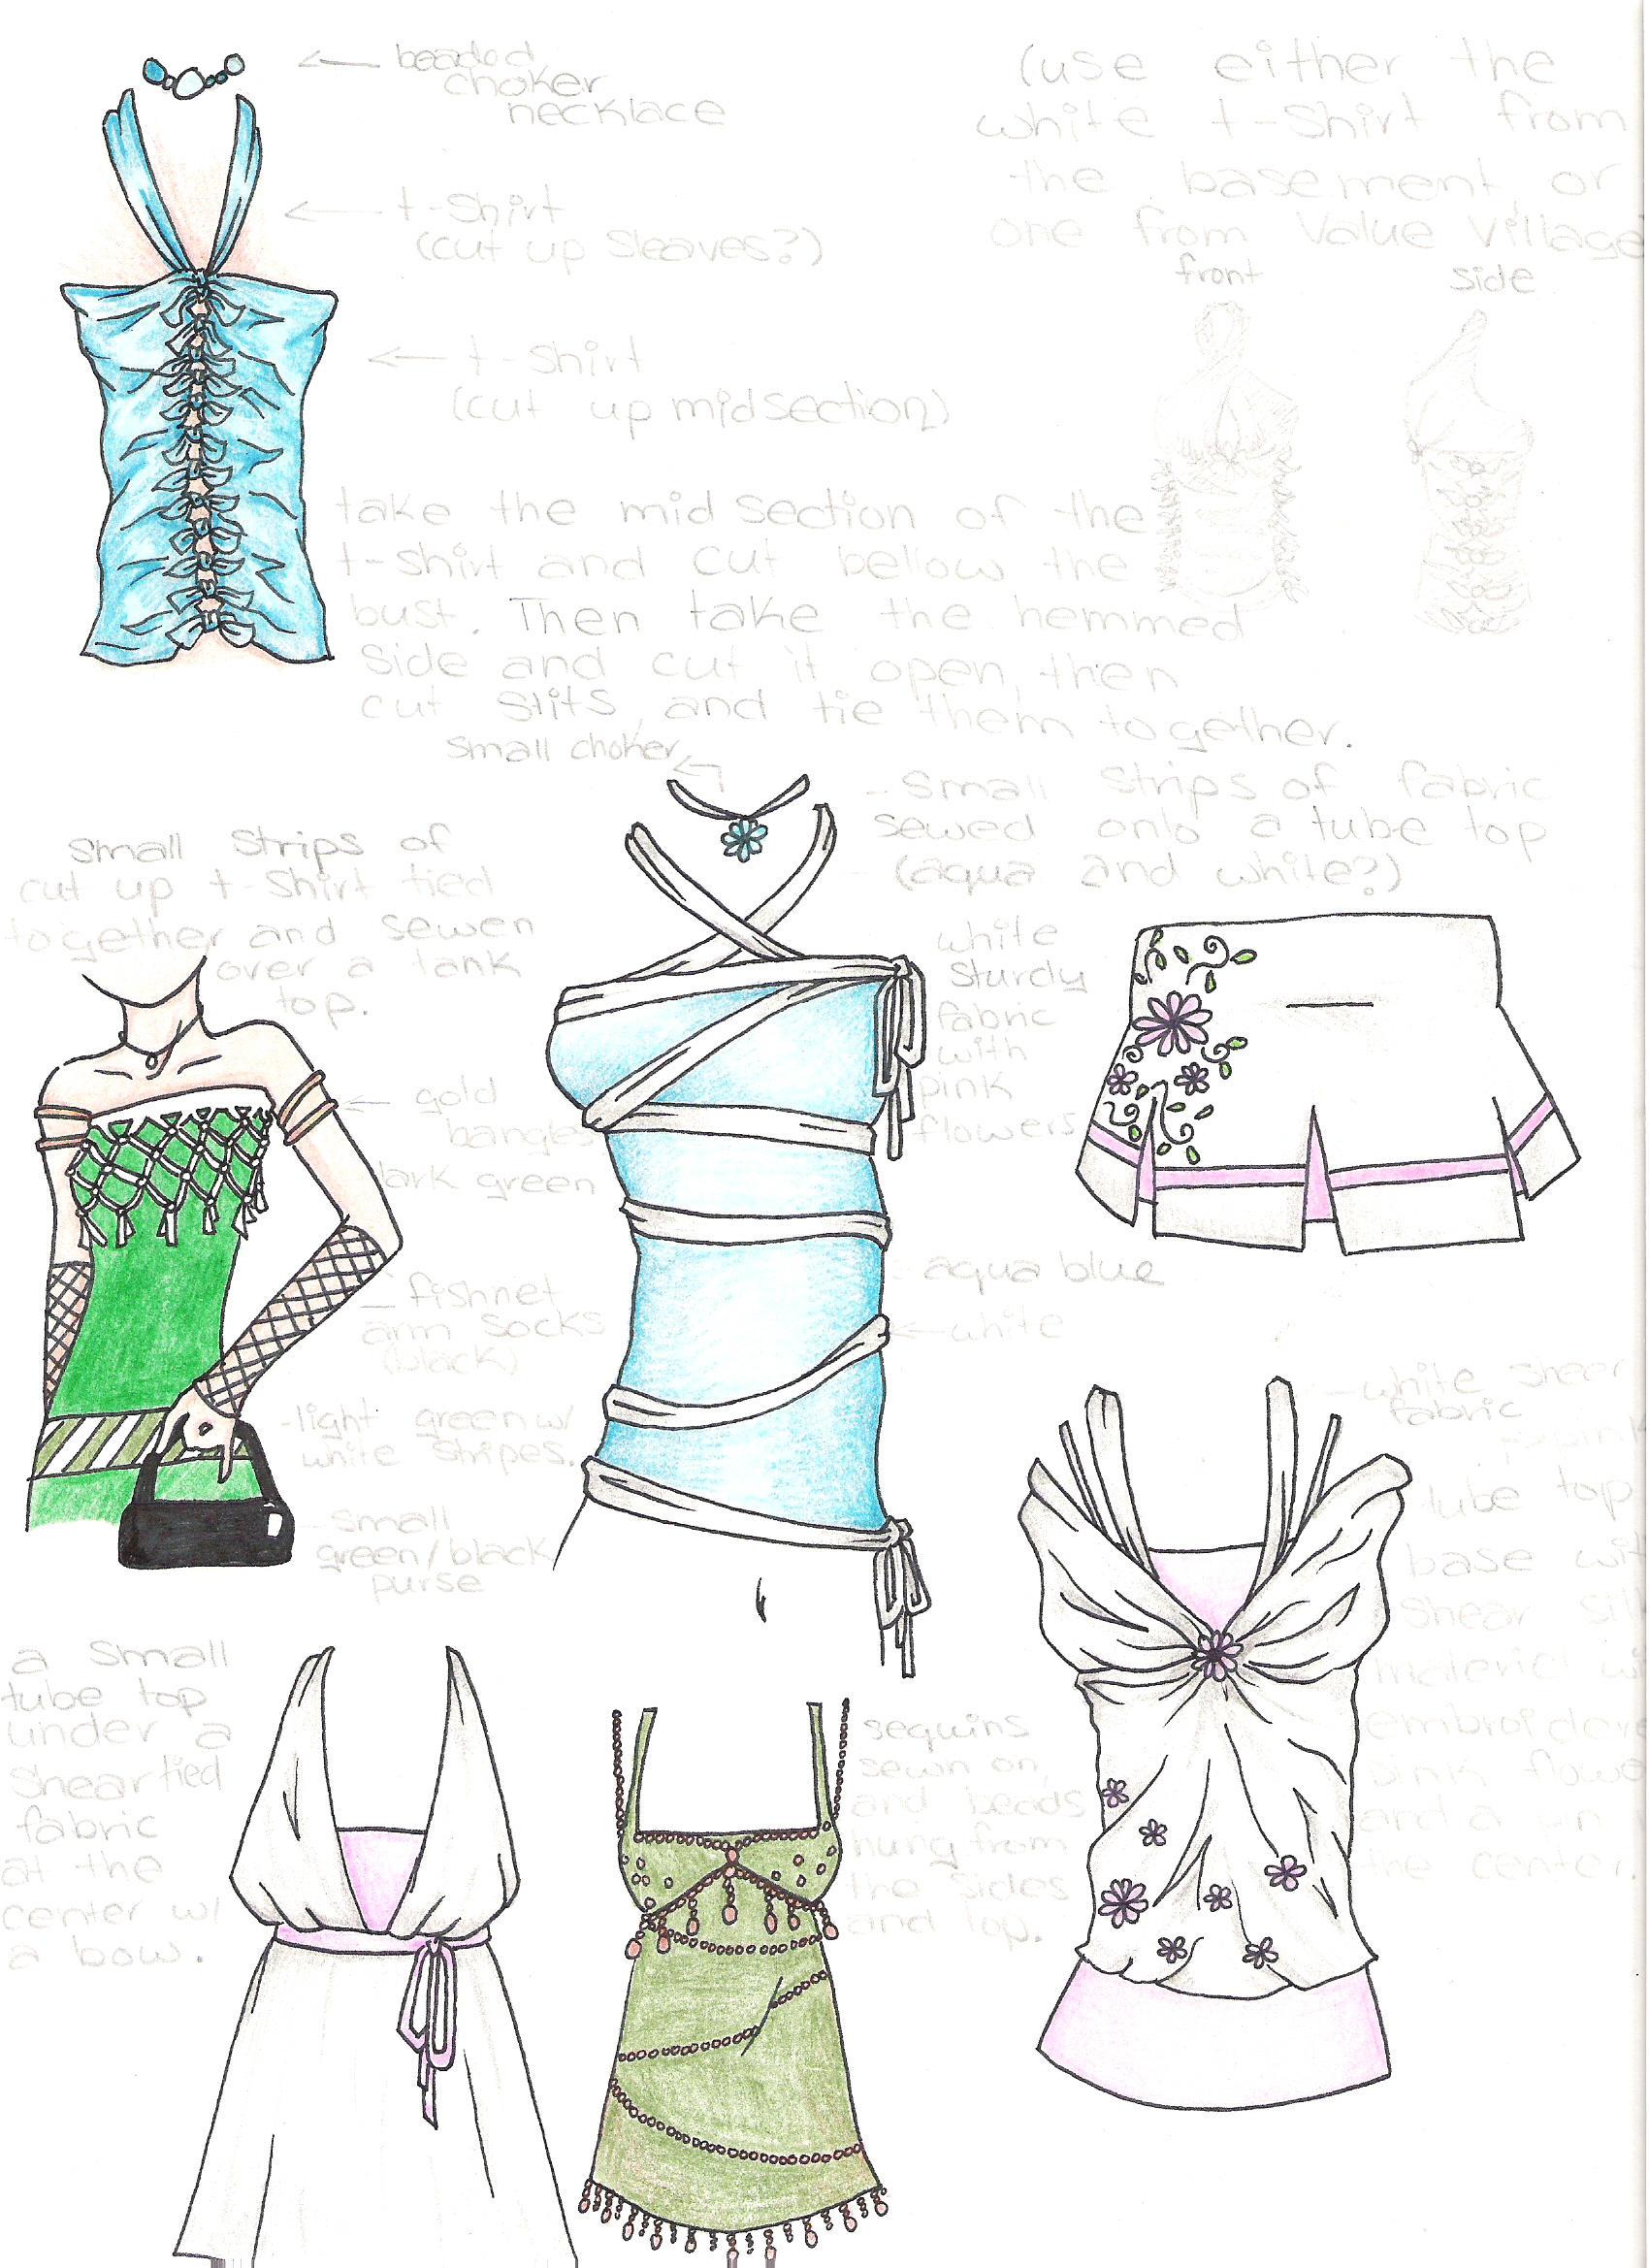 clothing designs by gwyneth15 on deviantart